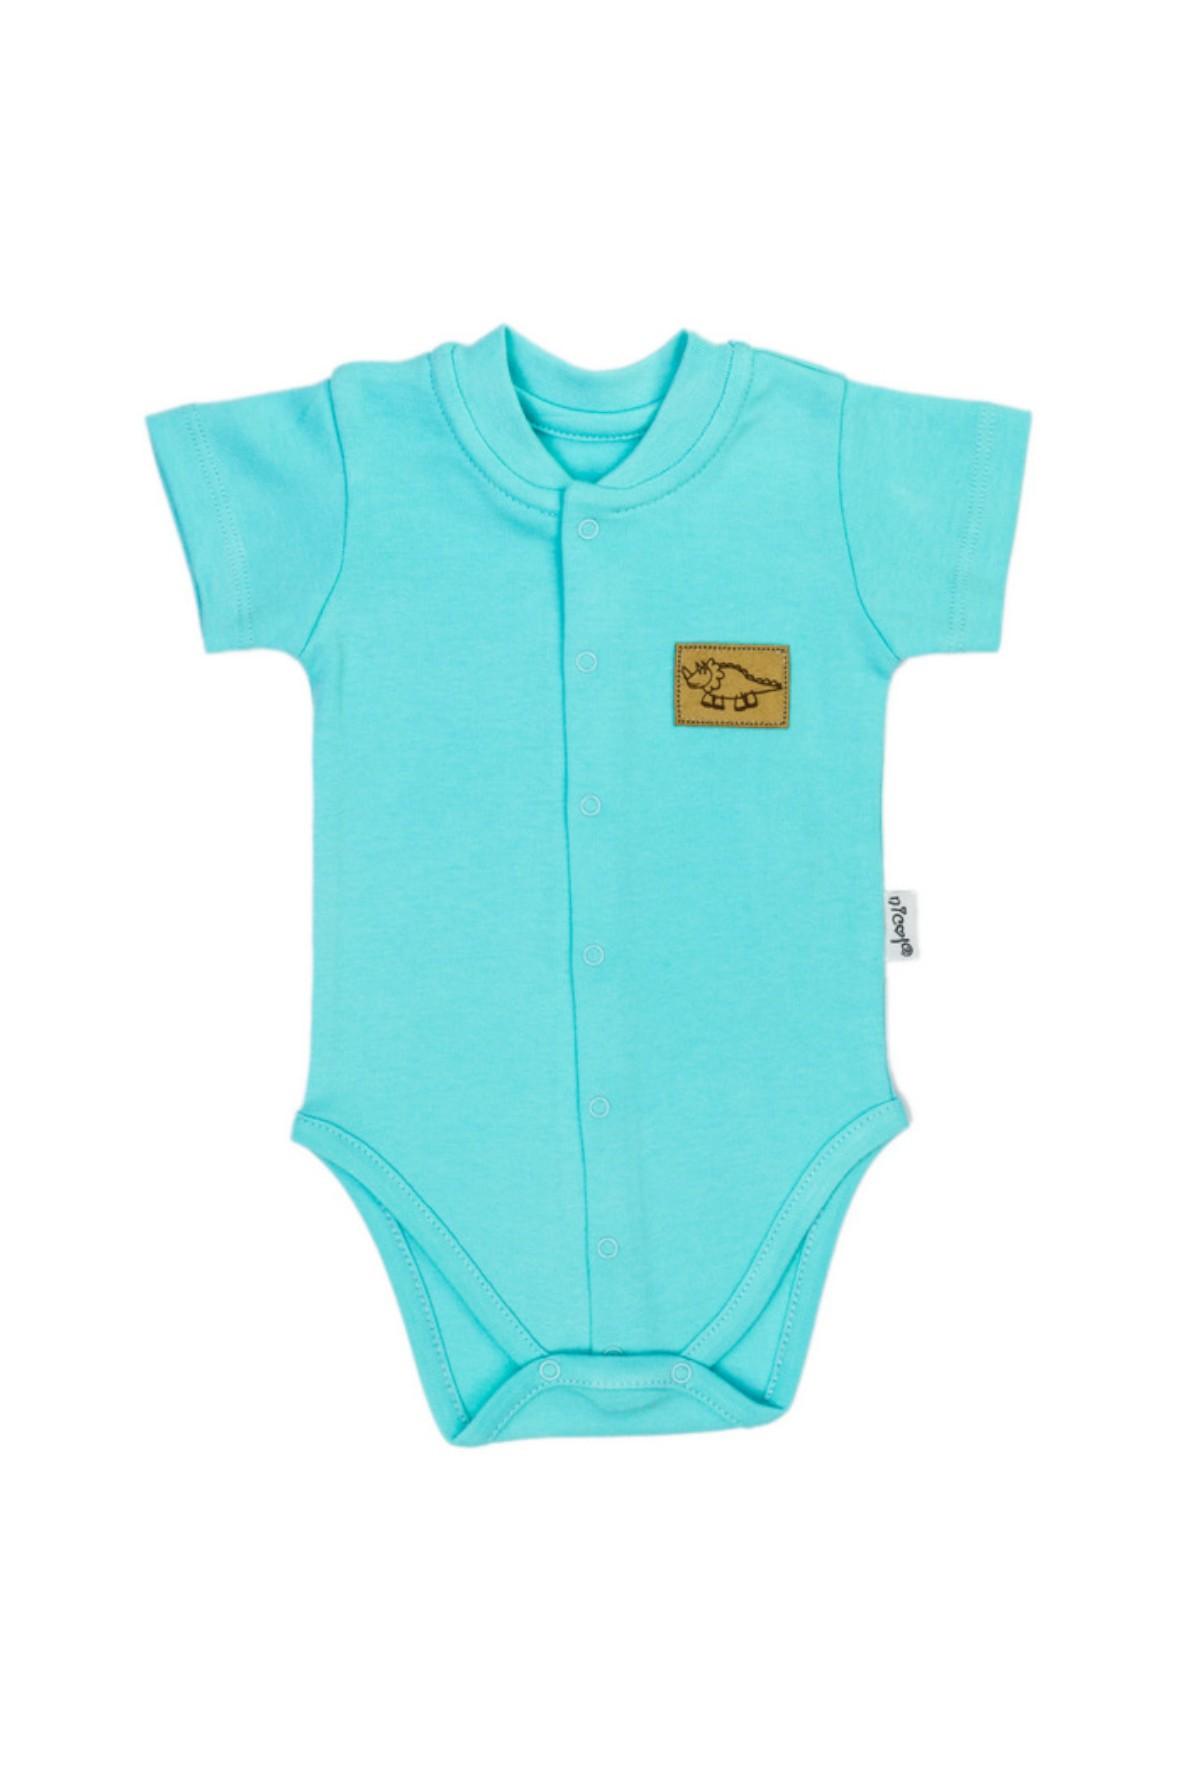 Turkusowe body niemowlęce rozpinane z przodu na krótki rękaw